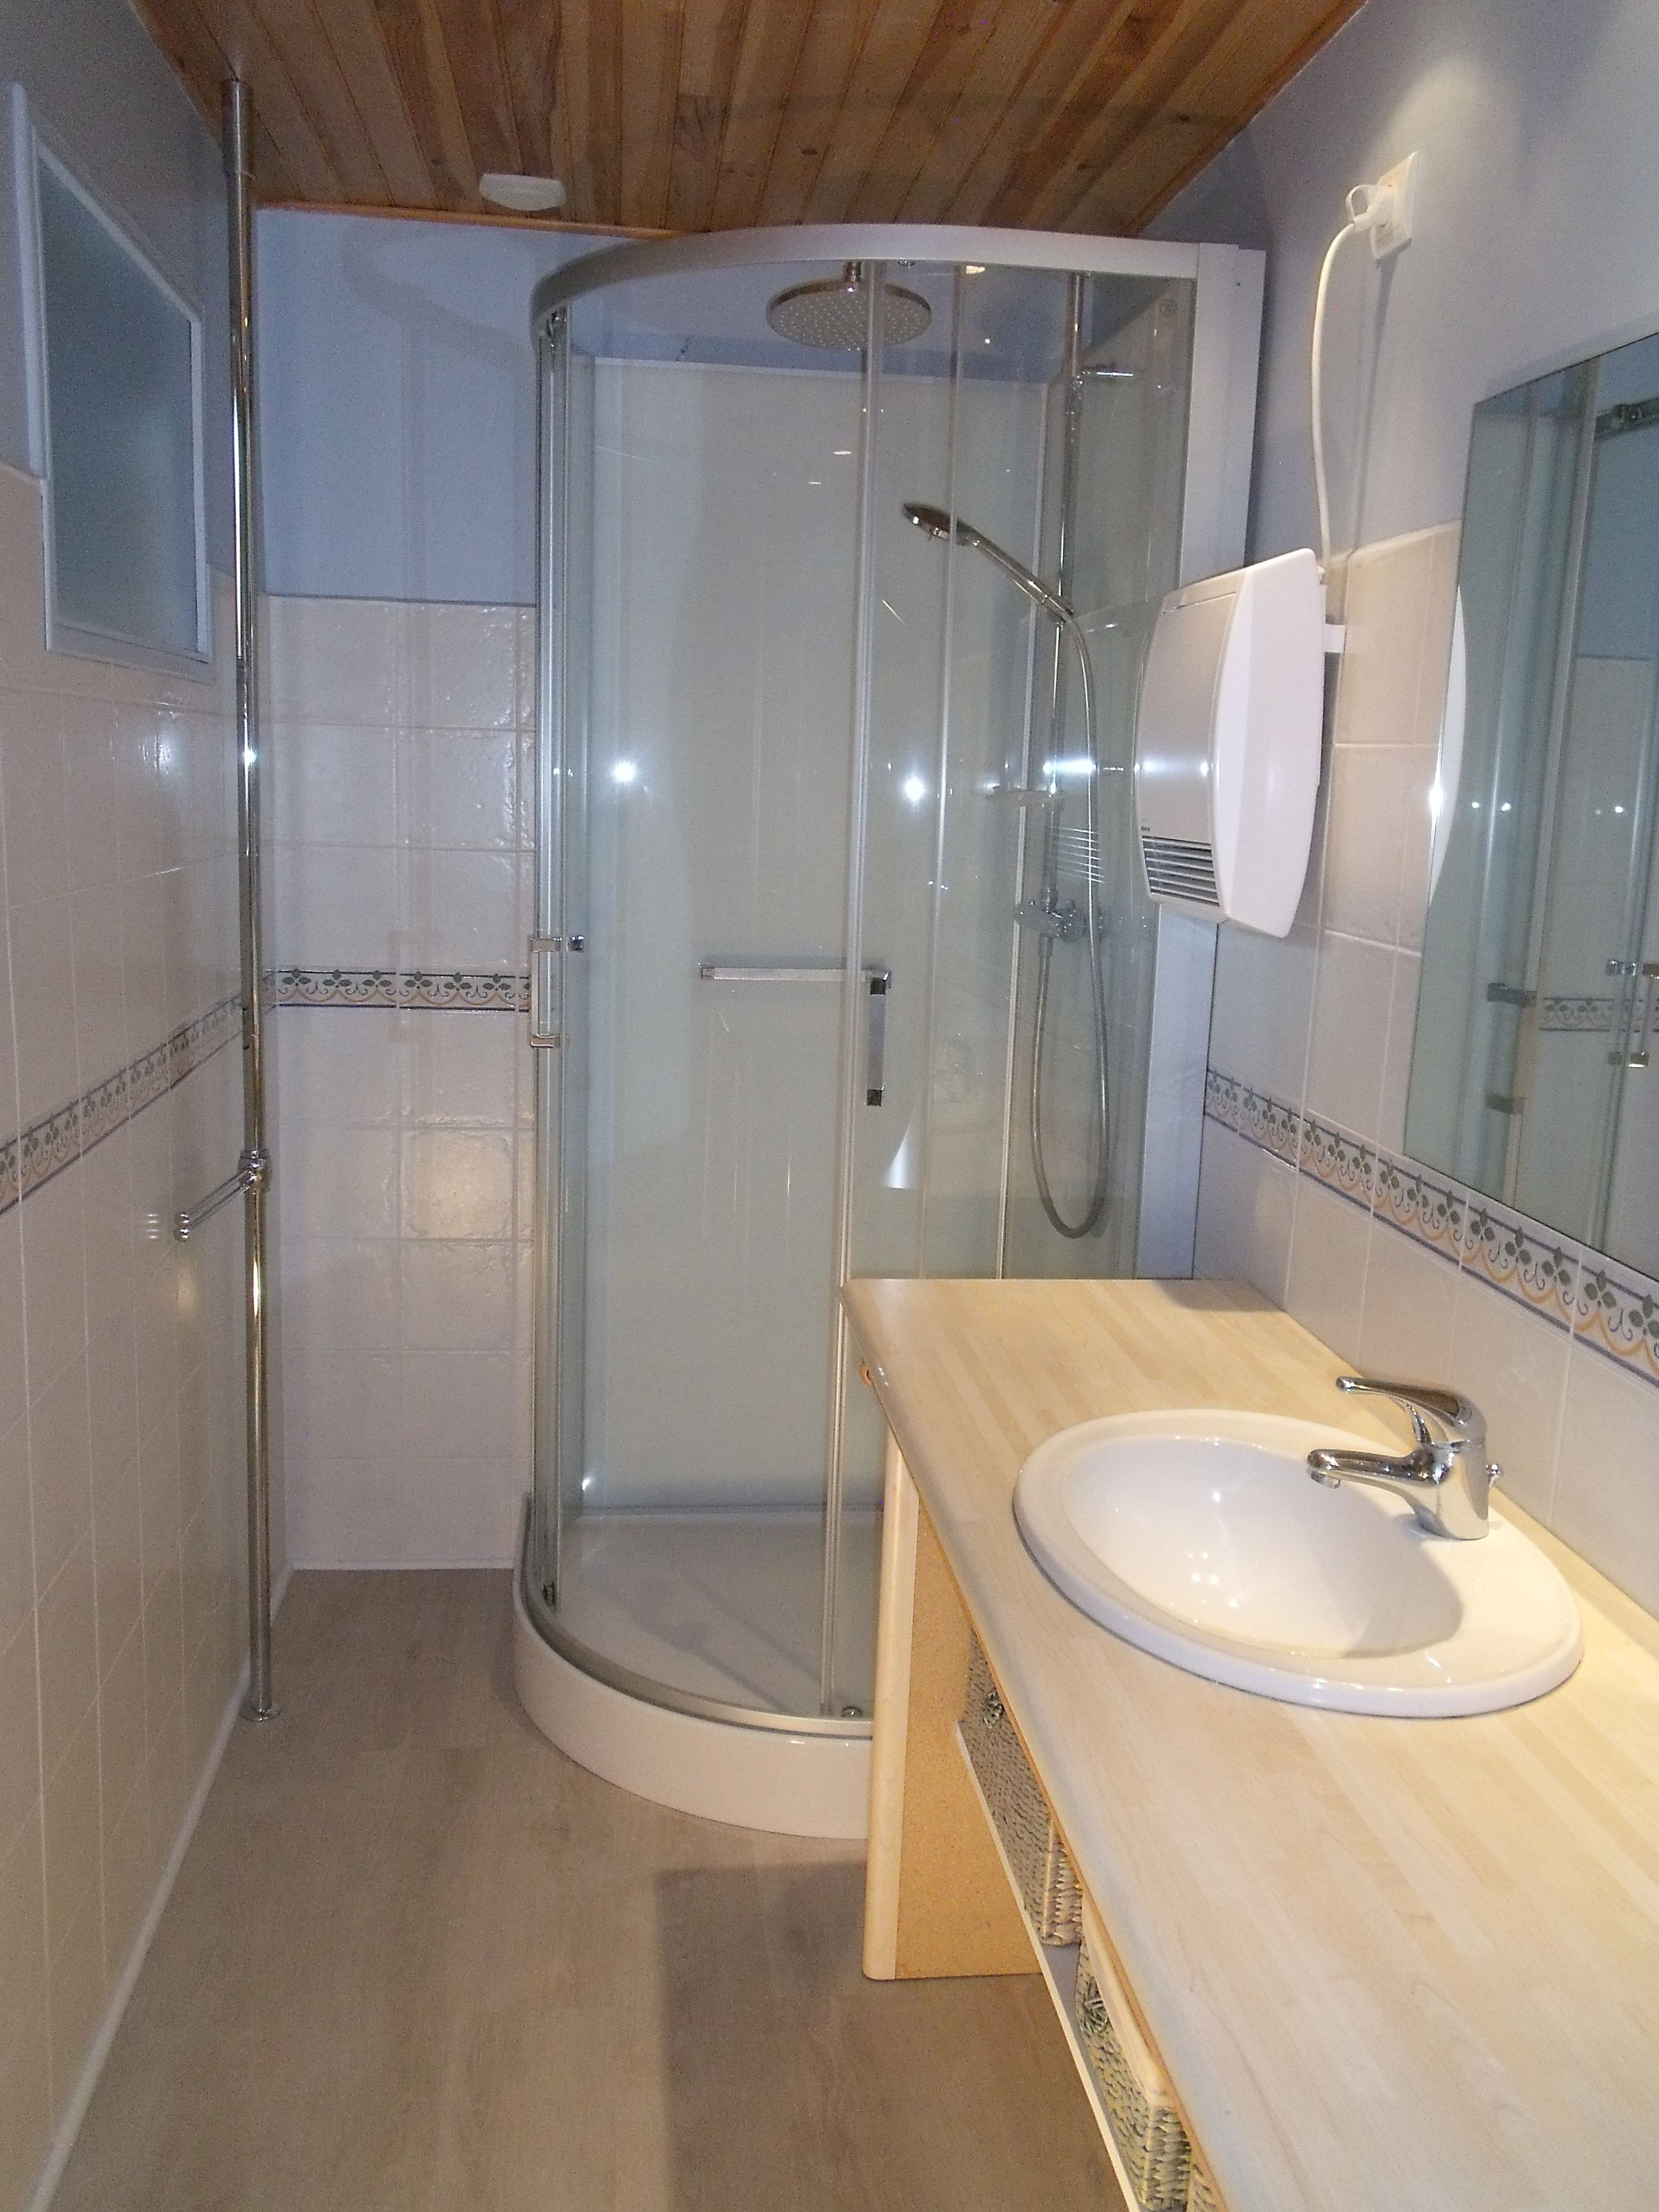 SE 1er étage + WC